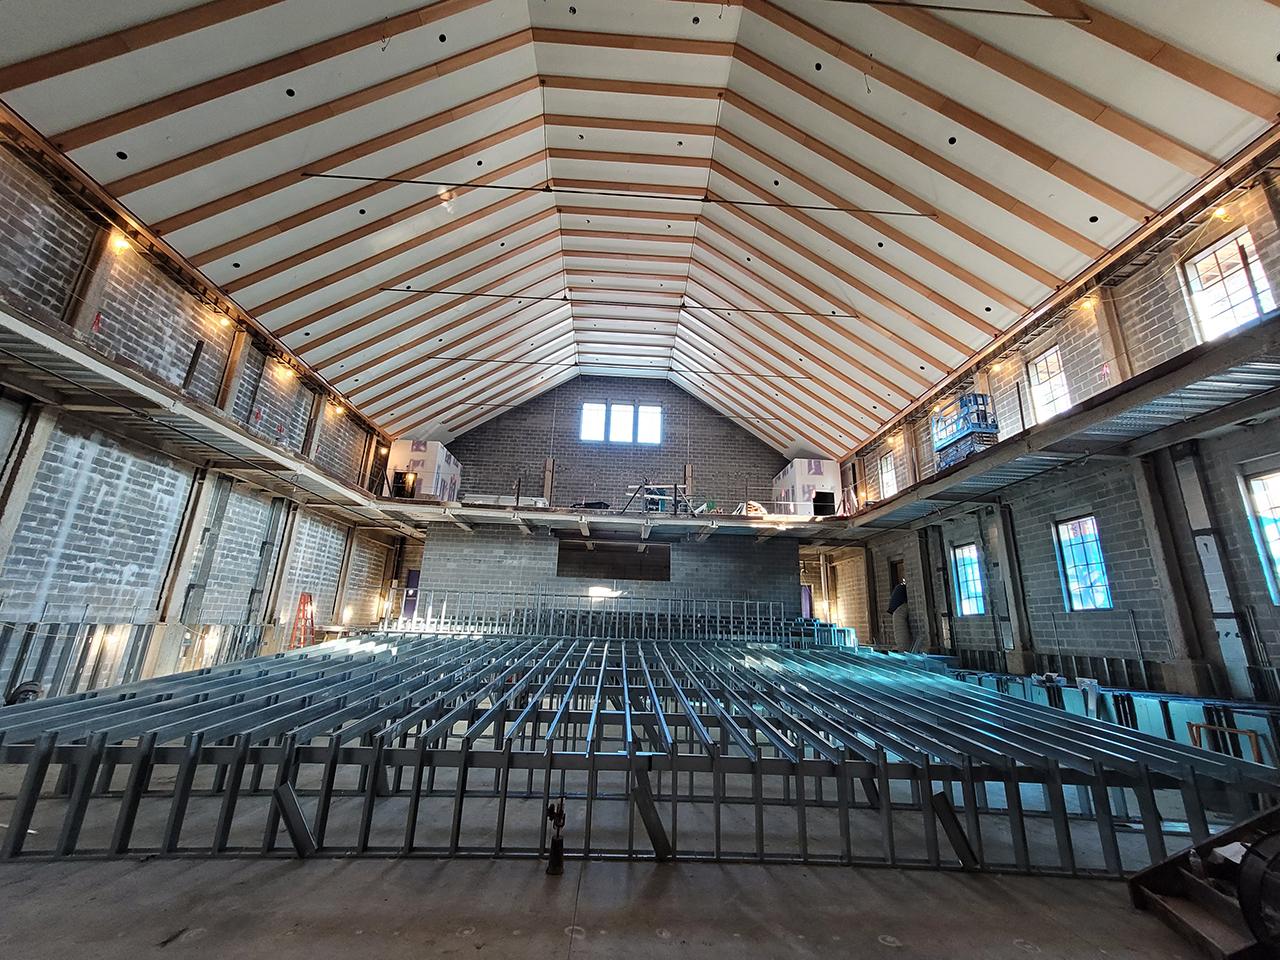 700 seat auditorium